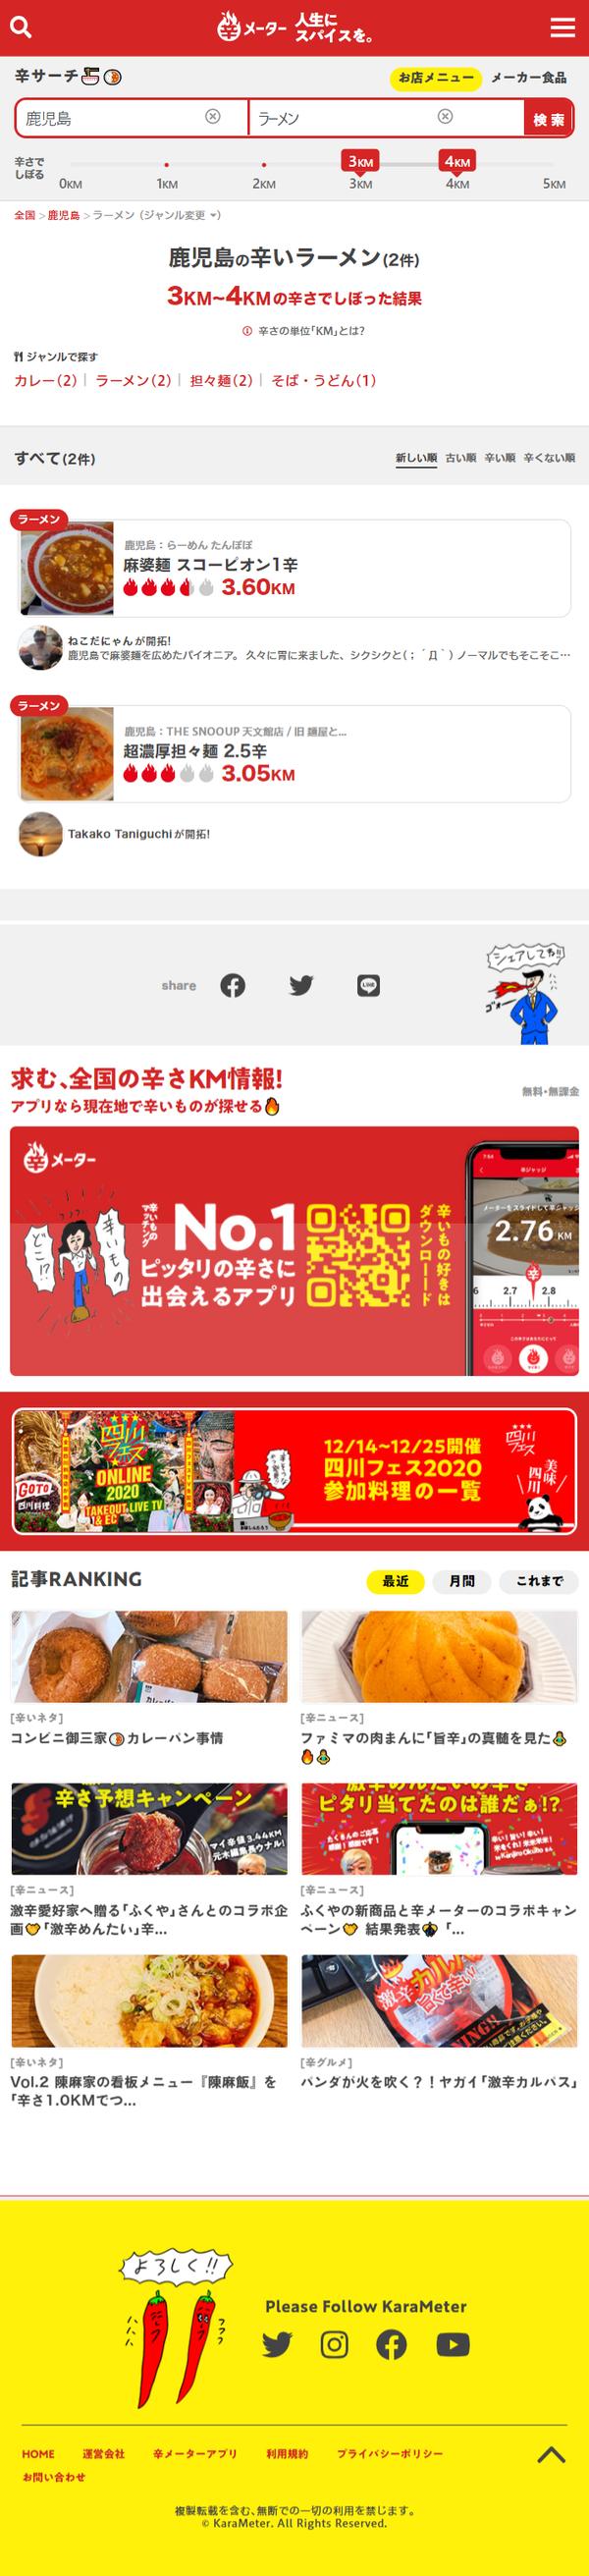 screencapture-karameter-jp-kagoshima-ramen-2020-12-14-15_40_55